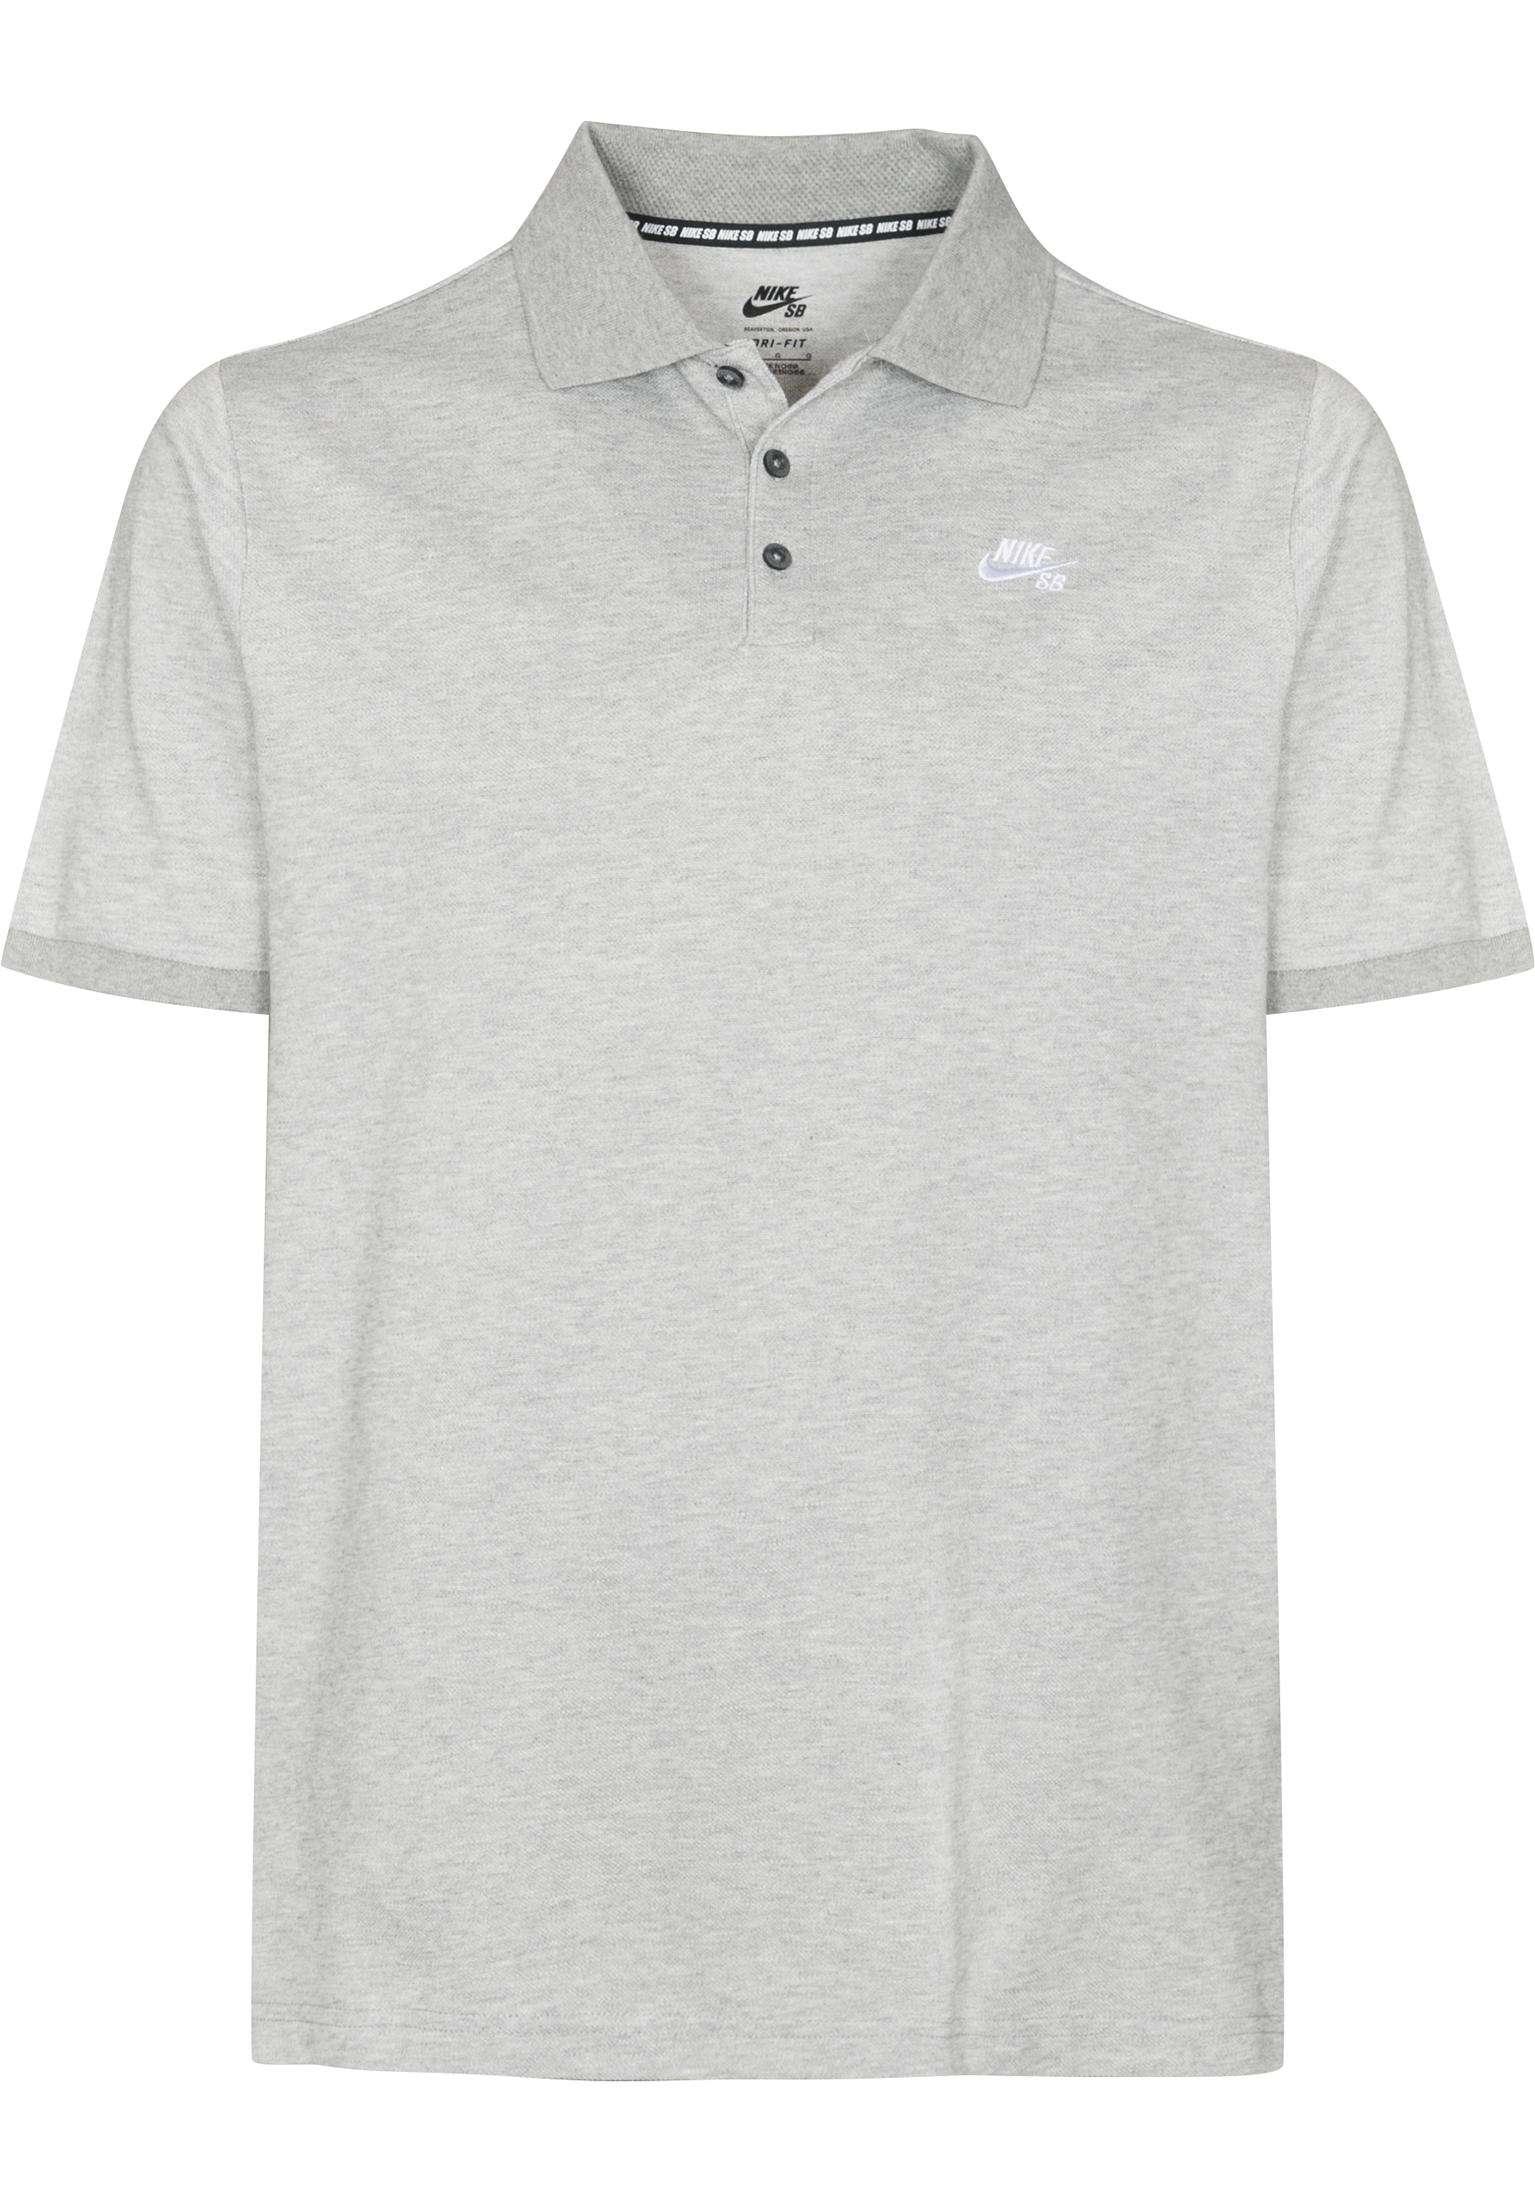 DFT Pique Nike SB Polo Shirts in darkgreyheather for Men  8ead79cfc3e08